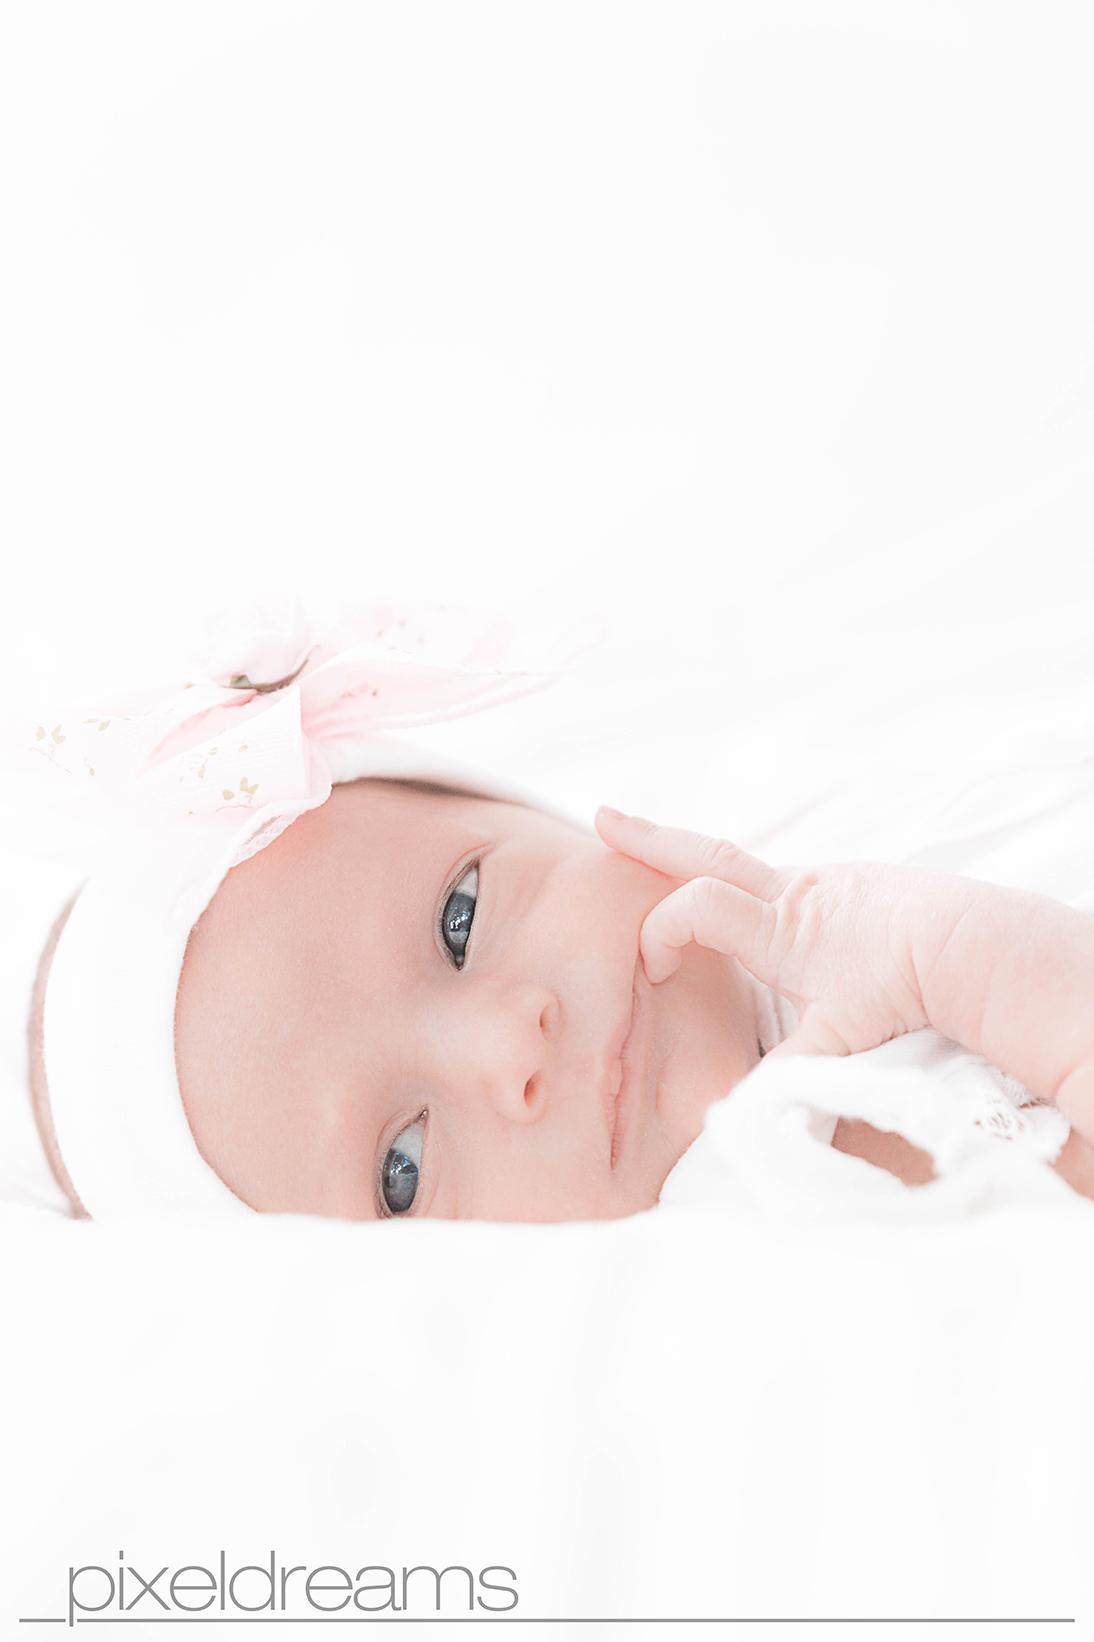 baby-zwilling-wach-blaue-augen-rosa-soft-pastellfarbe-sauerland-mk-maerkischerkreis